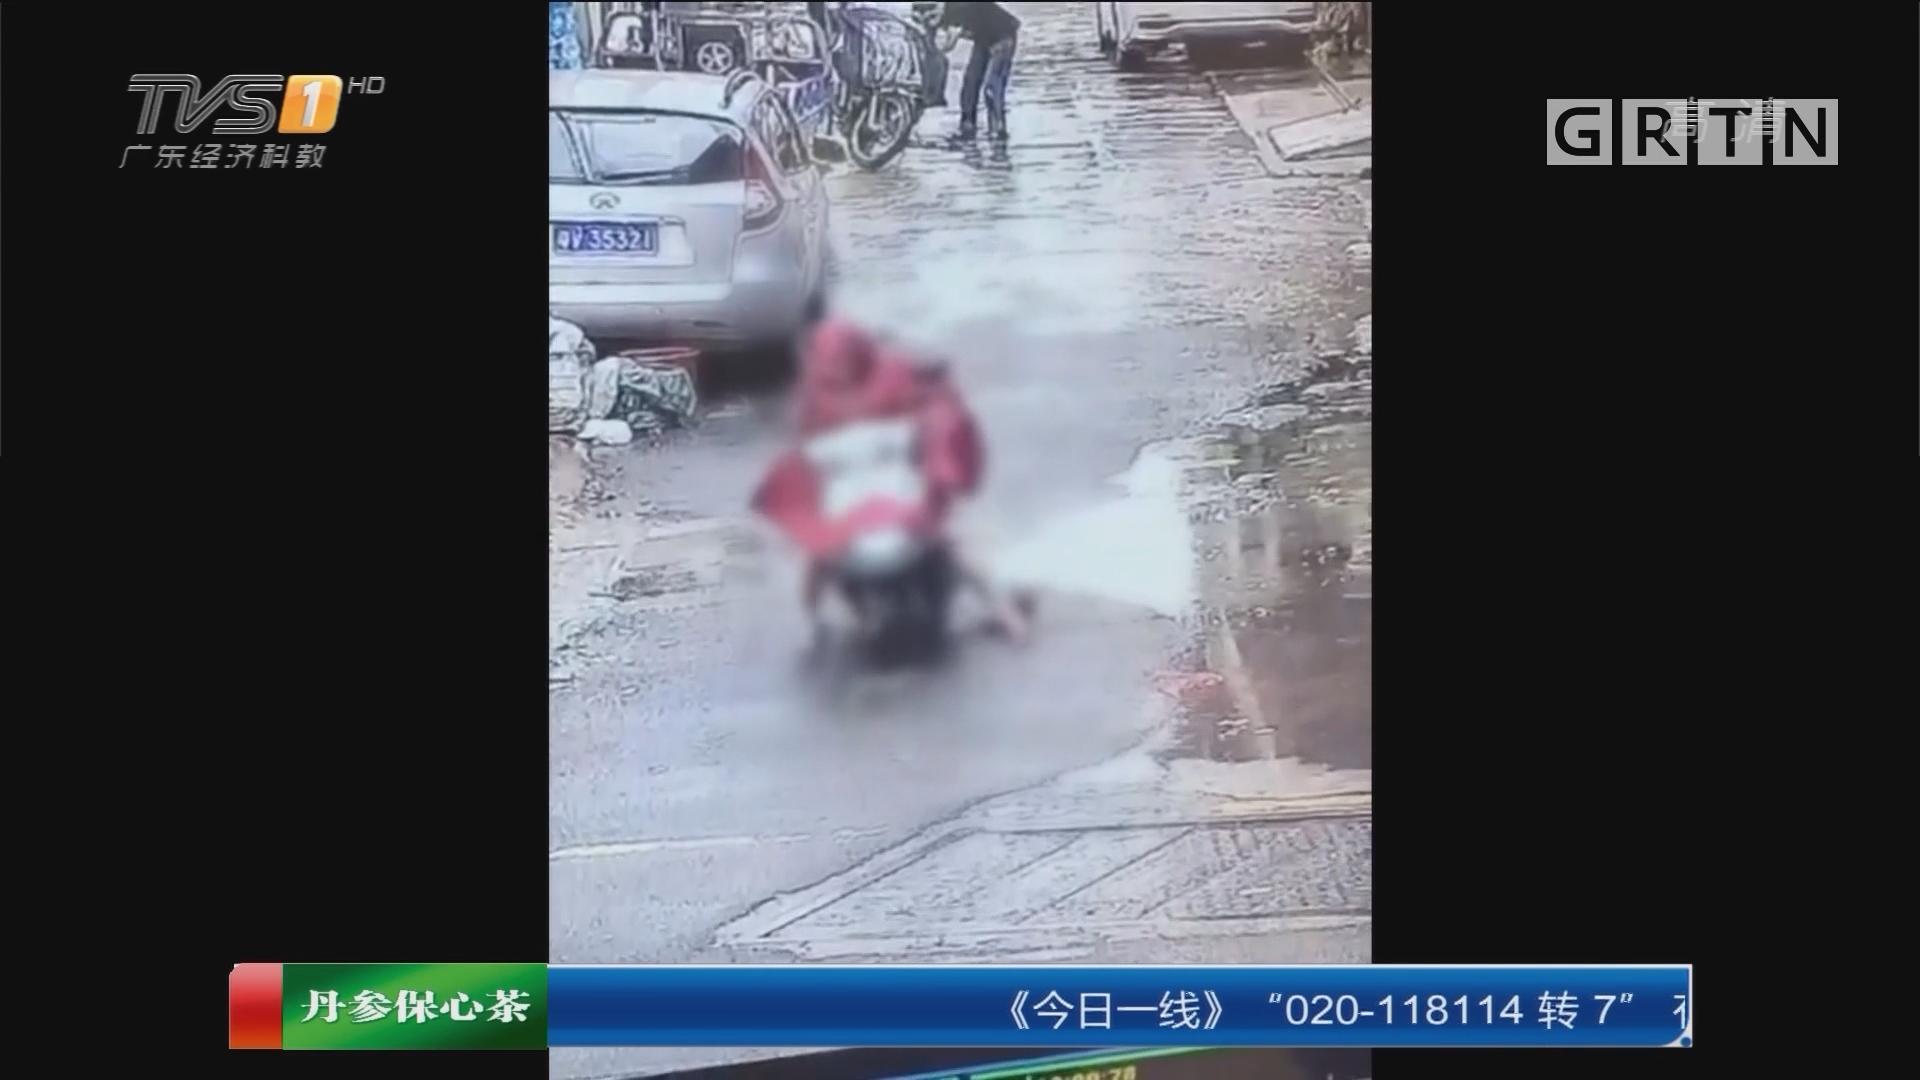 揭阳:骑摩托两次碾压小孩逃逸 女司机自首